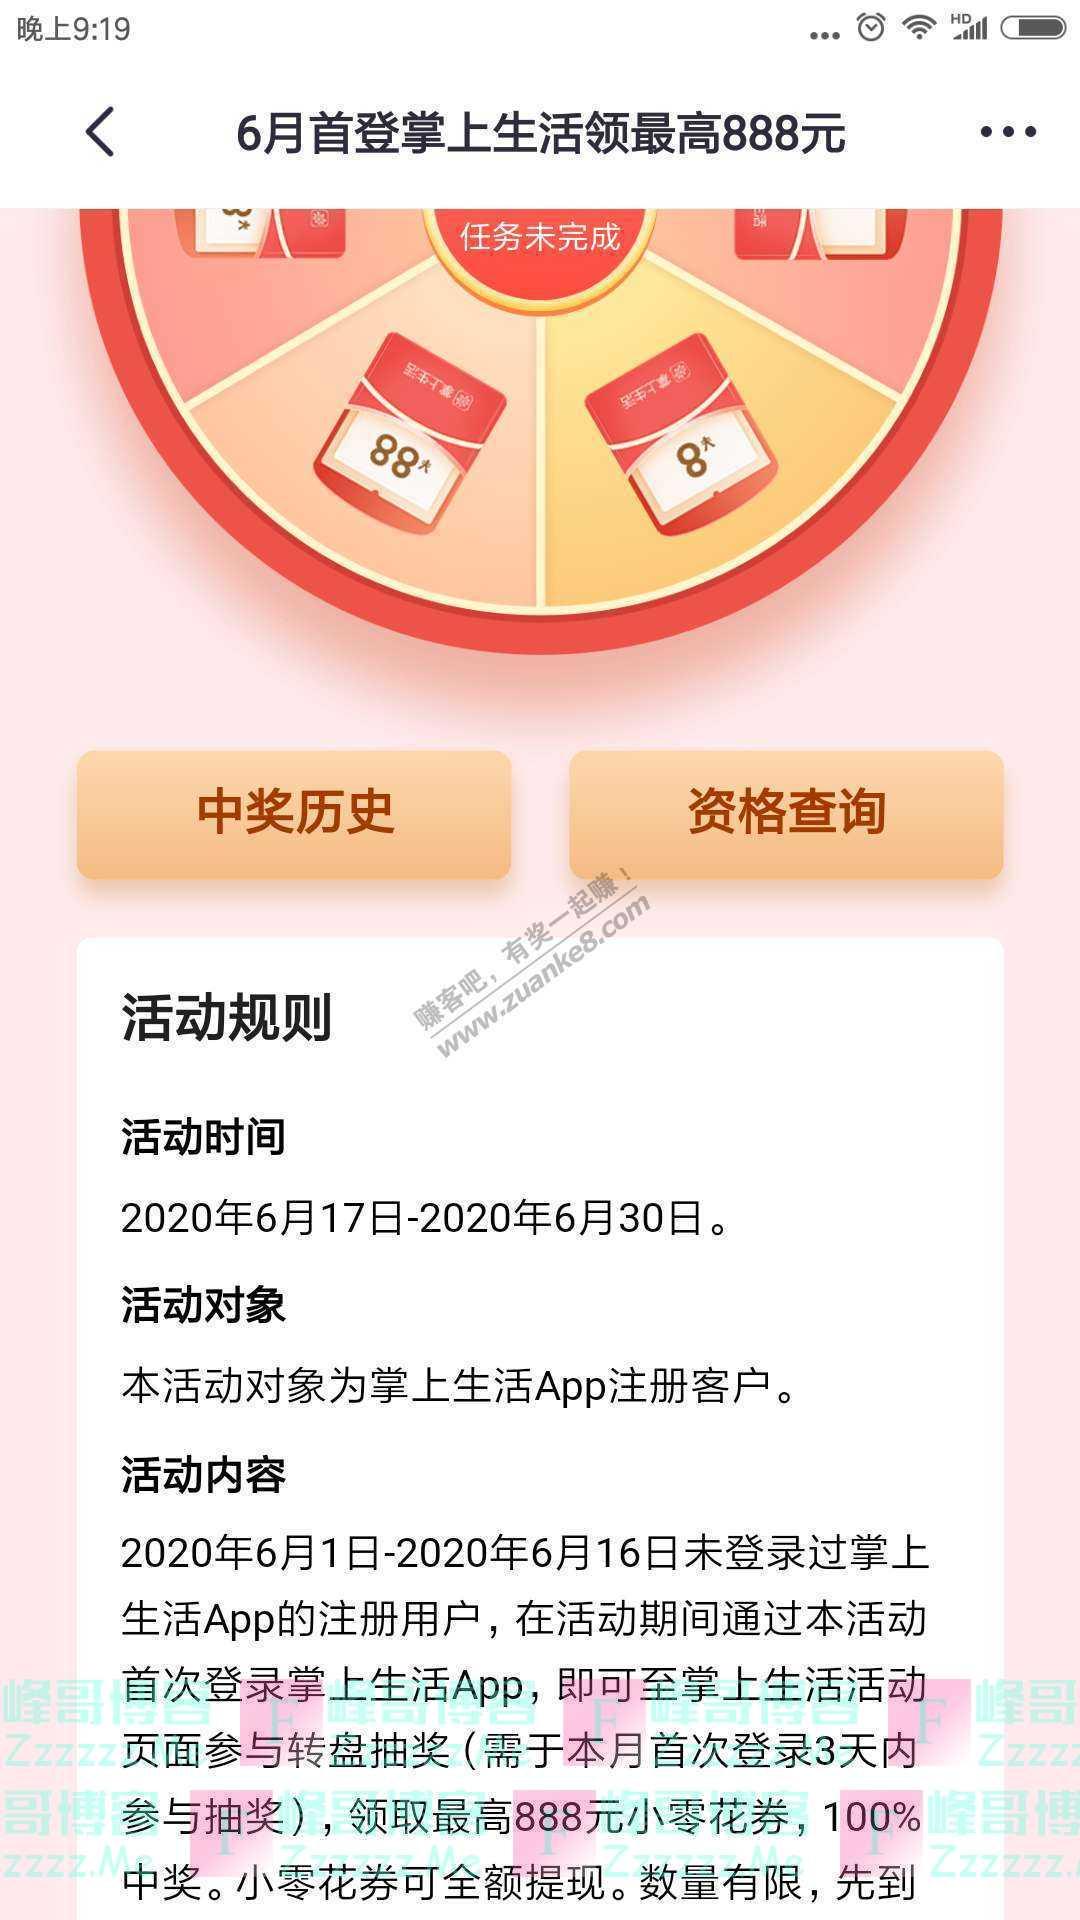 掌上生活6月首登掌上生活领最高888元(截止6月30日)